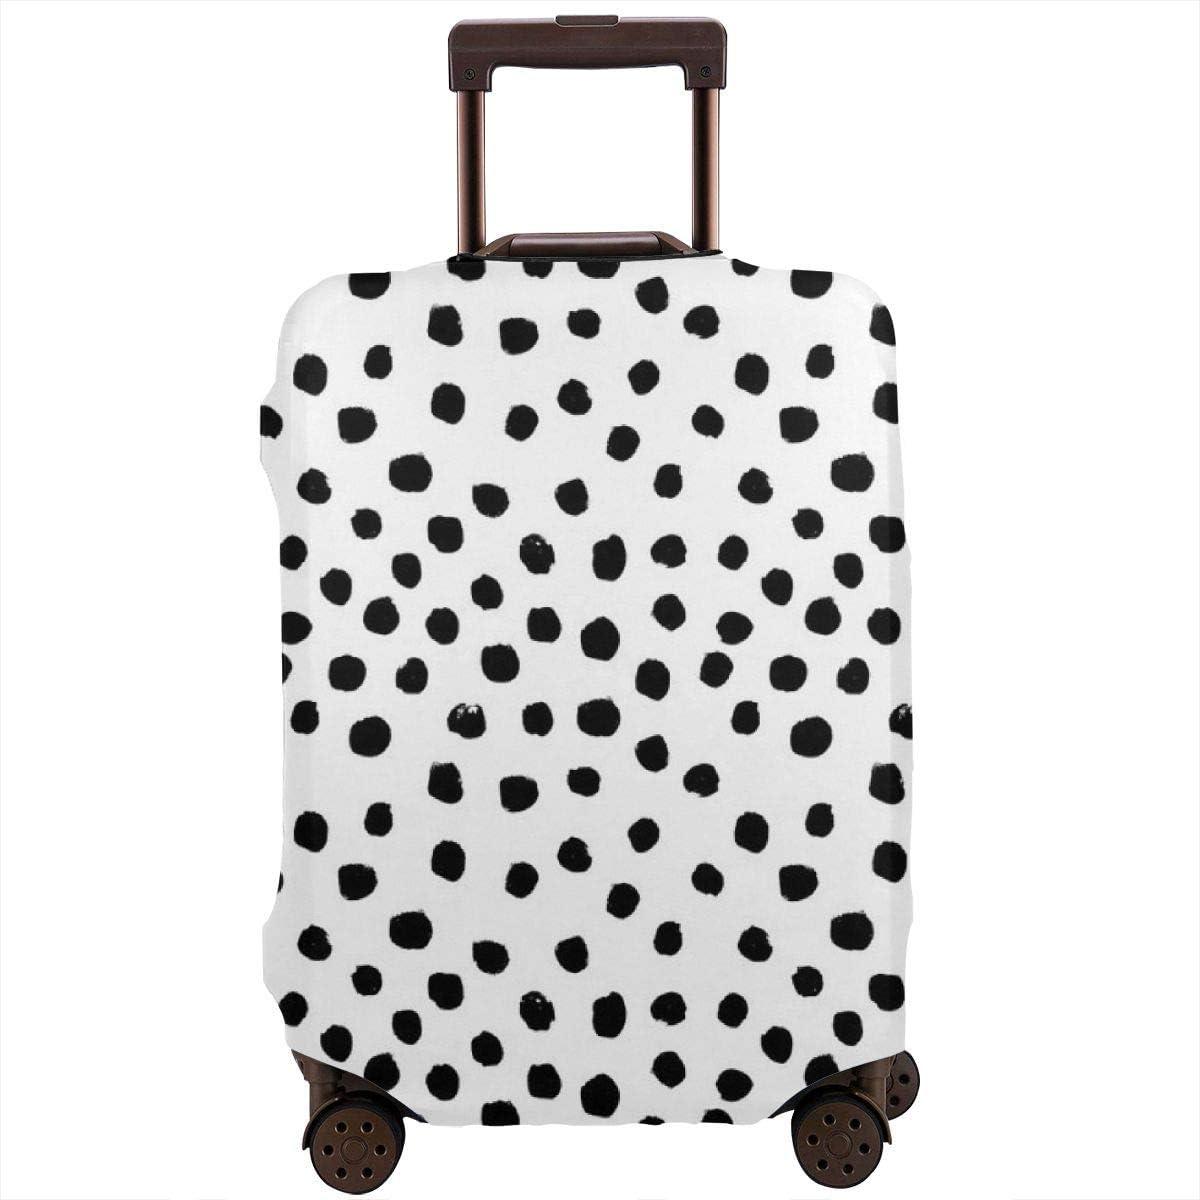 Preppy - Funda para Maleta de Viaje con diseño de Puntos Blancos y Negros